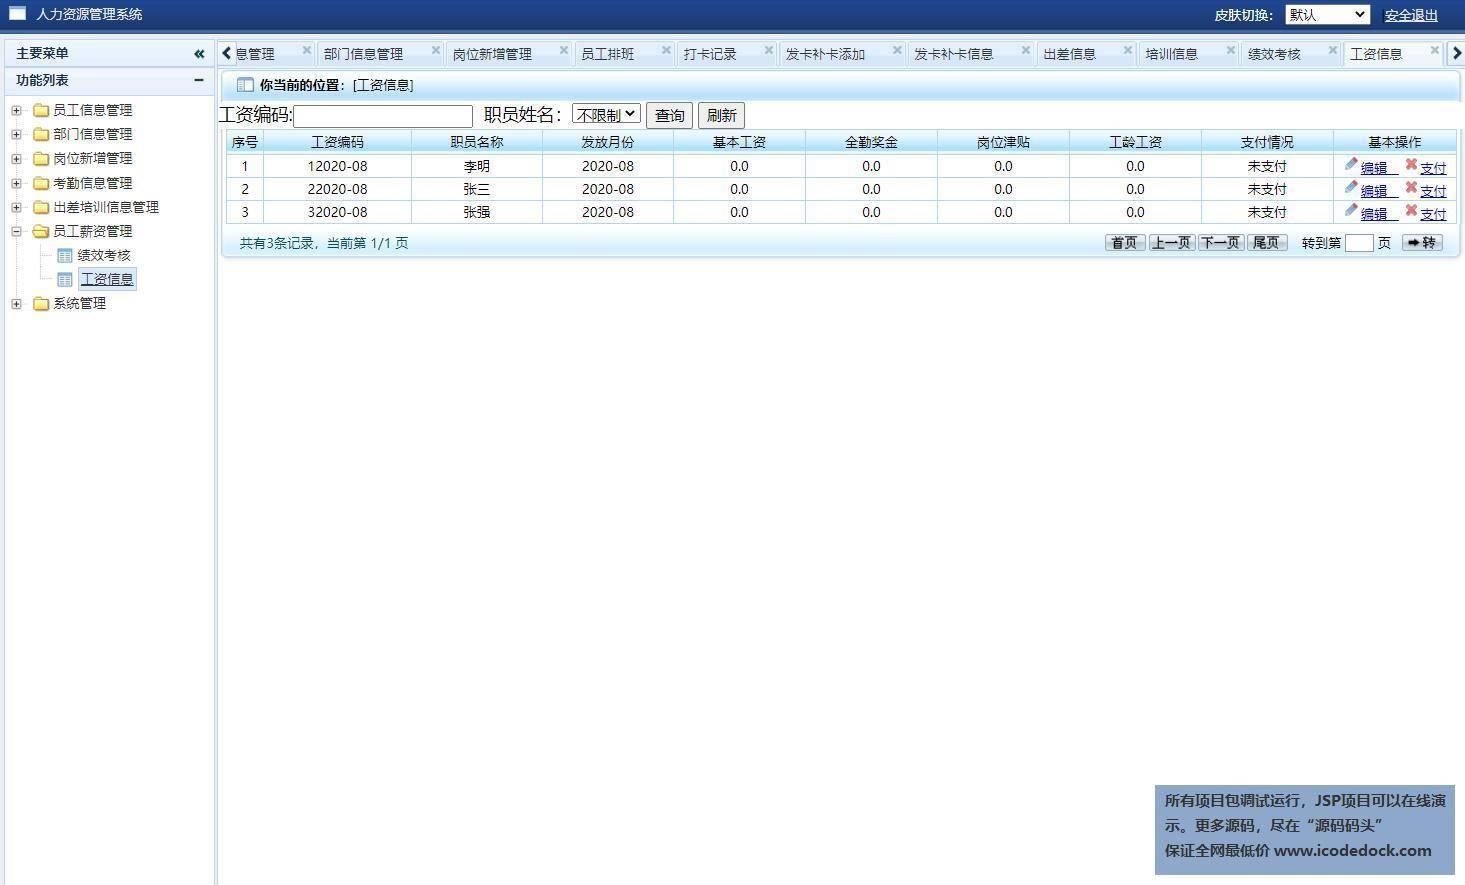 源码码头-SSH公司企业人力资源管理系统-管理员角色-工资信息管理